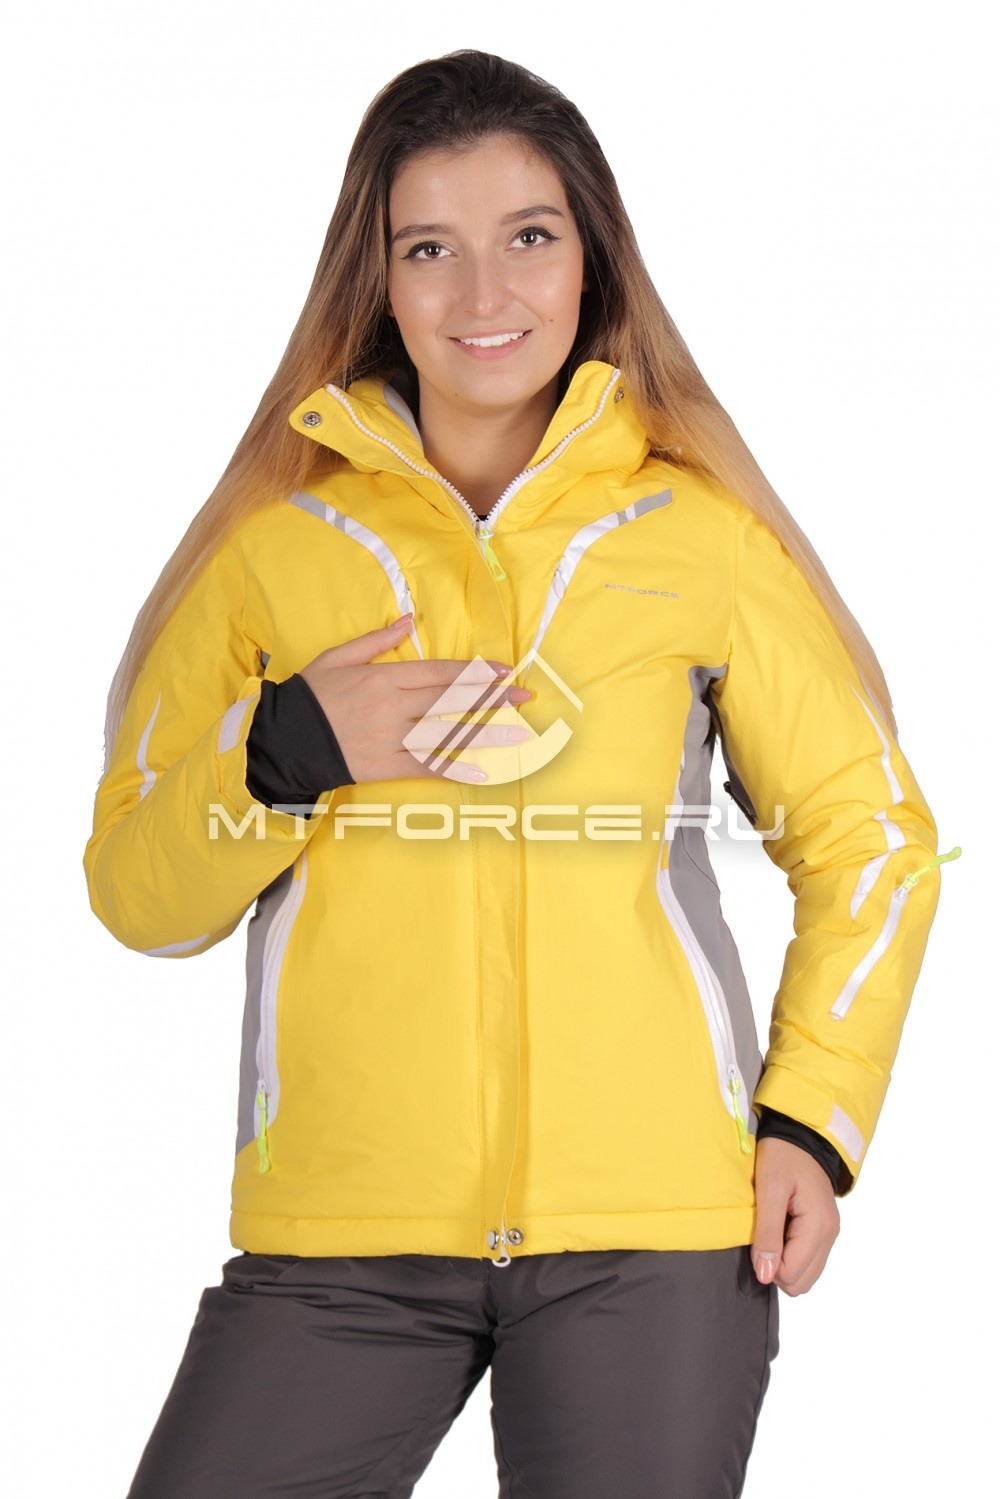 MTForce - горнолыжная одежда, зимние куртки и демисезон для всей семьи! Размеры от детского 74 до взрослого 64! Выкуп 2